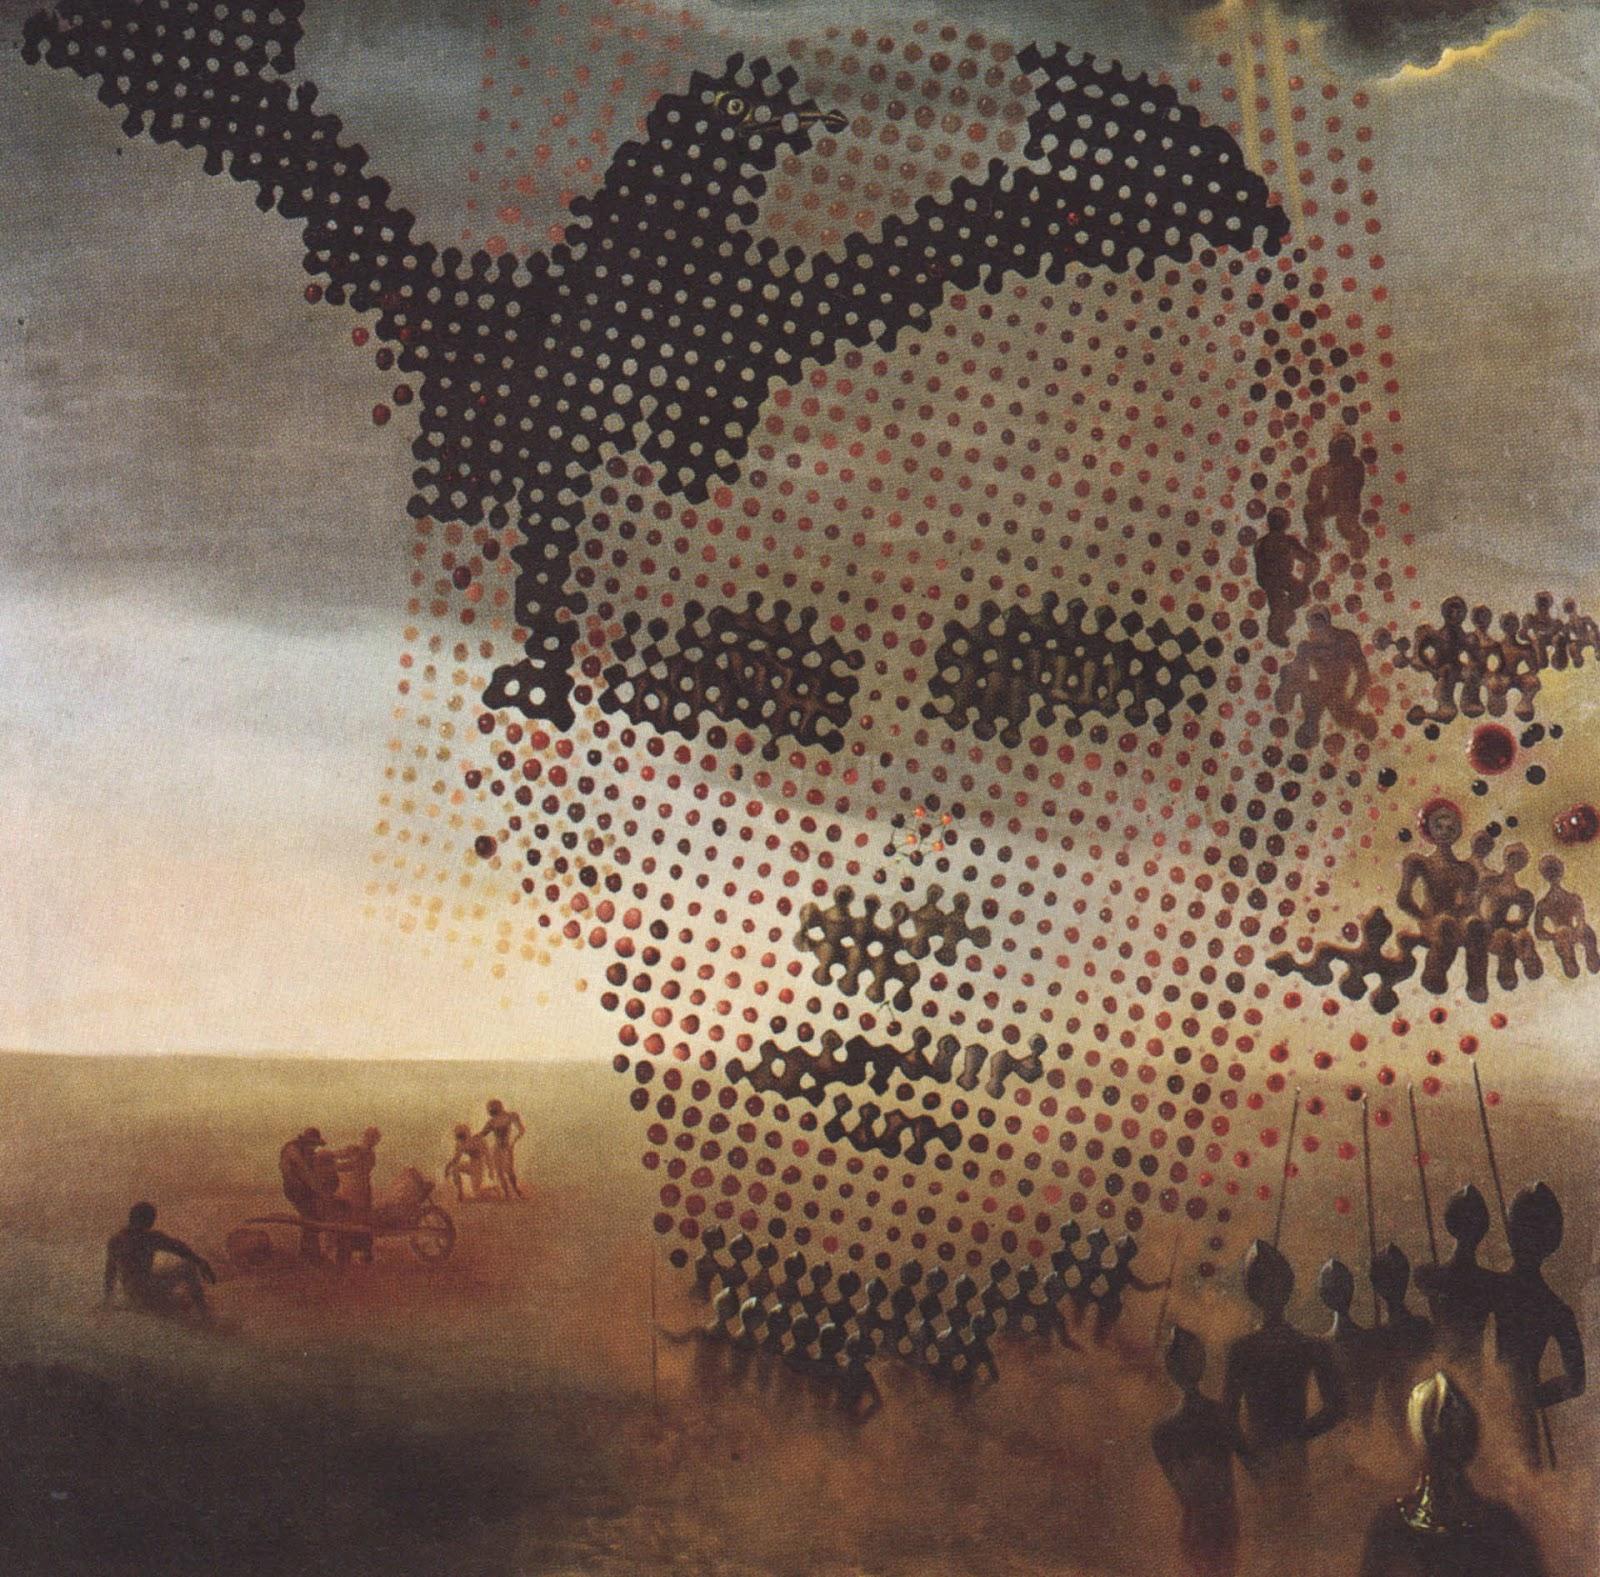 El retrato de mi hermano muerto (Salvador Dalí, 1963)